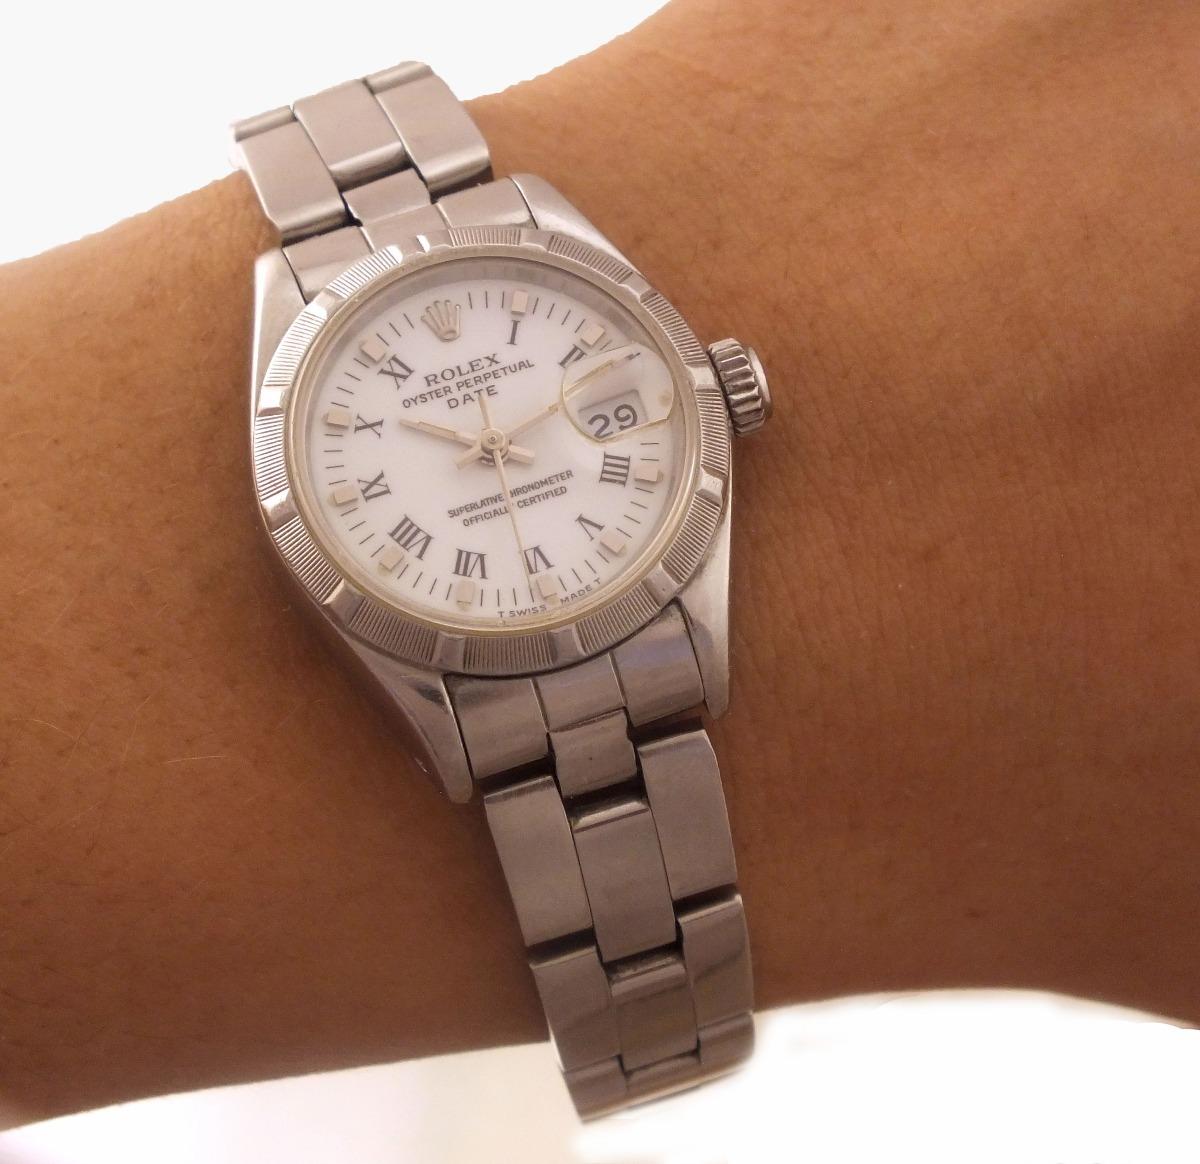 19e3bb9f17e relógio rolex calendário aço original feminino safira j10849. Carregando  zoom.